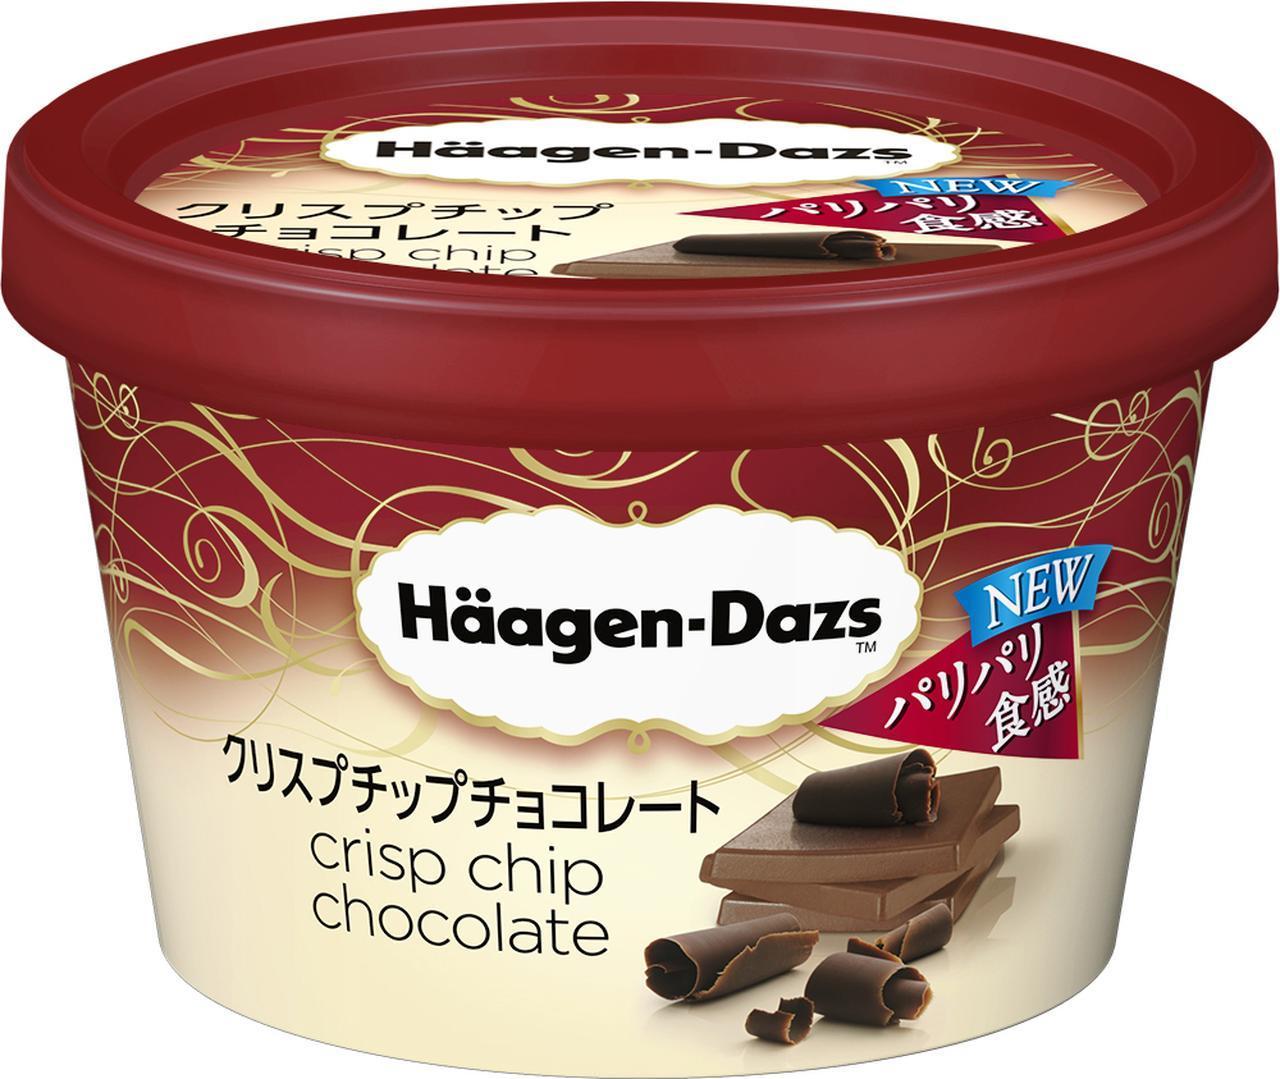 画像: ハーゲンダッツ ミニカップ クリスプチップチョコレート 【商品概要】滑らかなミルクチョコレートアイスクリームと、パリパリ食感のチョコレートチップのコントラストが楽しい、チョコレートフレーバーに仕上げました。 【種 類 別】アイスクリーム 【成   分】無脂乳固形分:7.0% 乳脂肪分:13.0% 卵脂肪分:0.7% チョコレート脂肪分:6.6% 【原材料名】クリーム、脱脂濃縮乳、砂糖、ミルクチョコレート、チョコレートチップ(準チョコレート)、卵黄、ココアパウダー/バニラ香料、植物レシチン、(一部に乳成分・卵・大豆を含む) 【内 容 量】110ml 【価   格】272円(希望小売価格:消費税抜き)※消費税込みの価格は294円 【発 売 日】2017年12月5日(火) 【販 売 先】全国のスーパーマーケット、コンビニエンスストア、デパート他